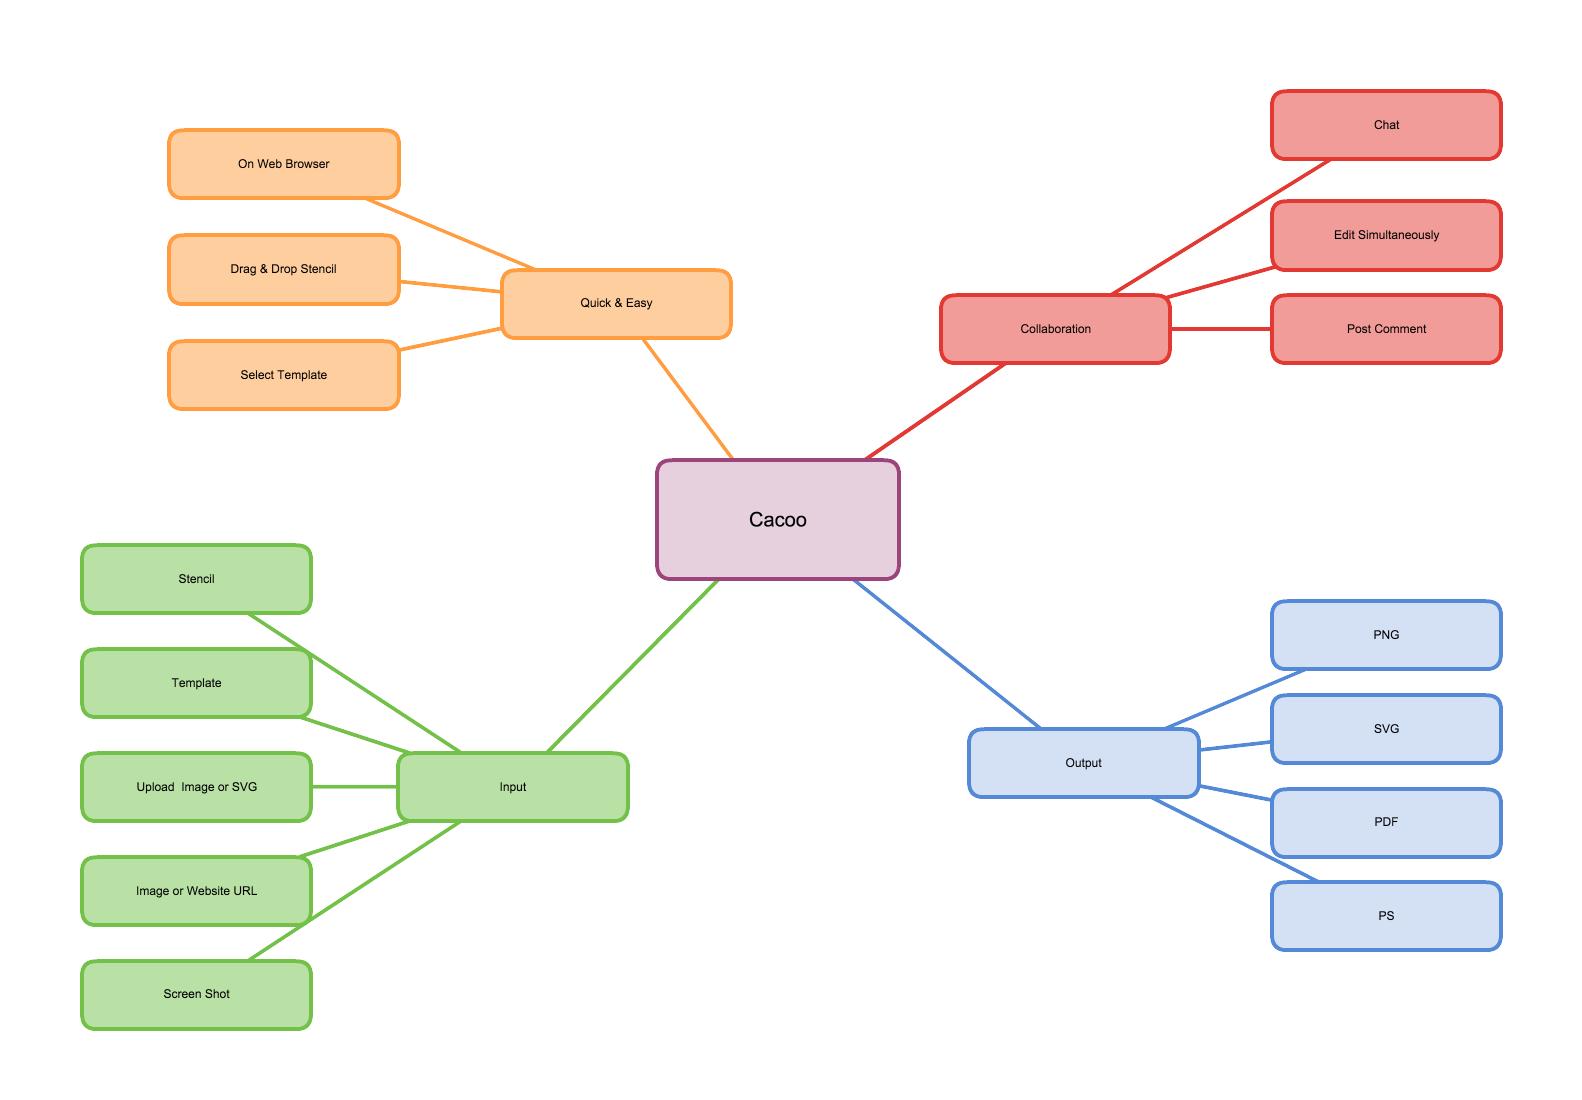 hight resolution of ejemplo de mapa conceptual demostrando caracter sticas y funciones de cacoo con im genes de formato en la nube